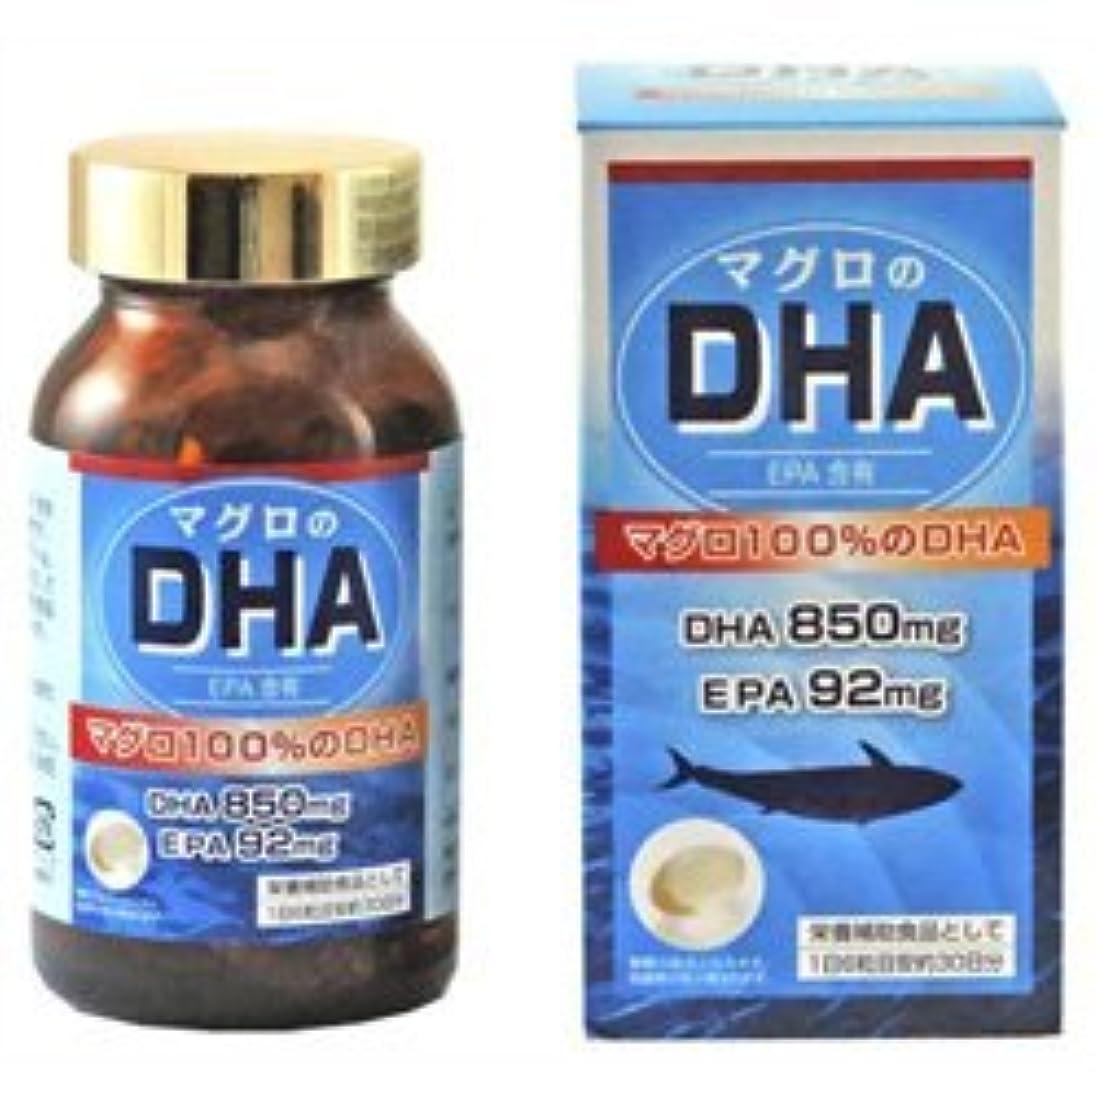 あらゆる種類のエンジニア制約【ユニマットリケン】DHA850 180粒 ×3個セット